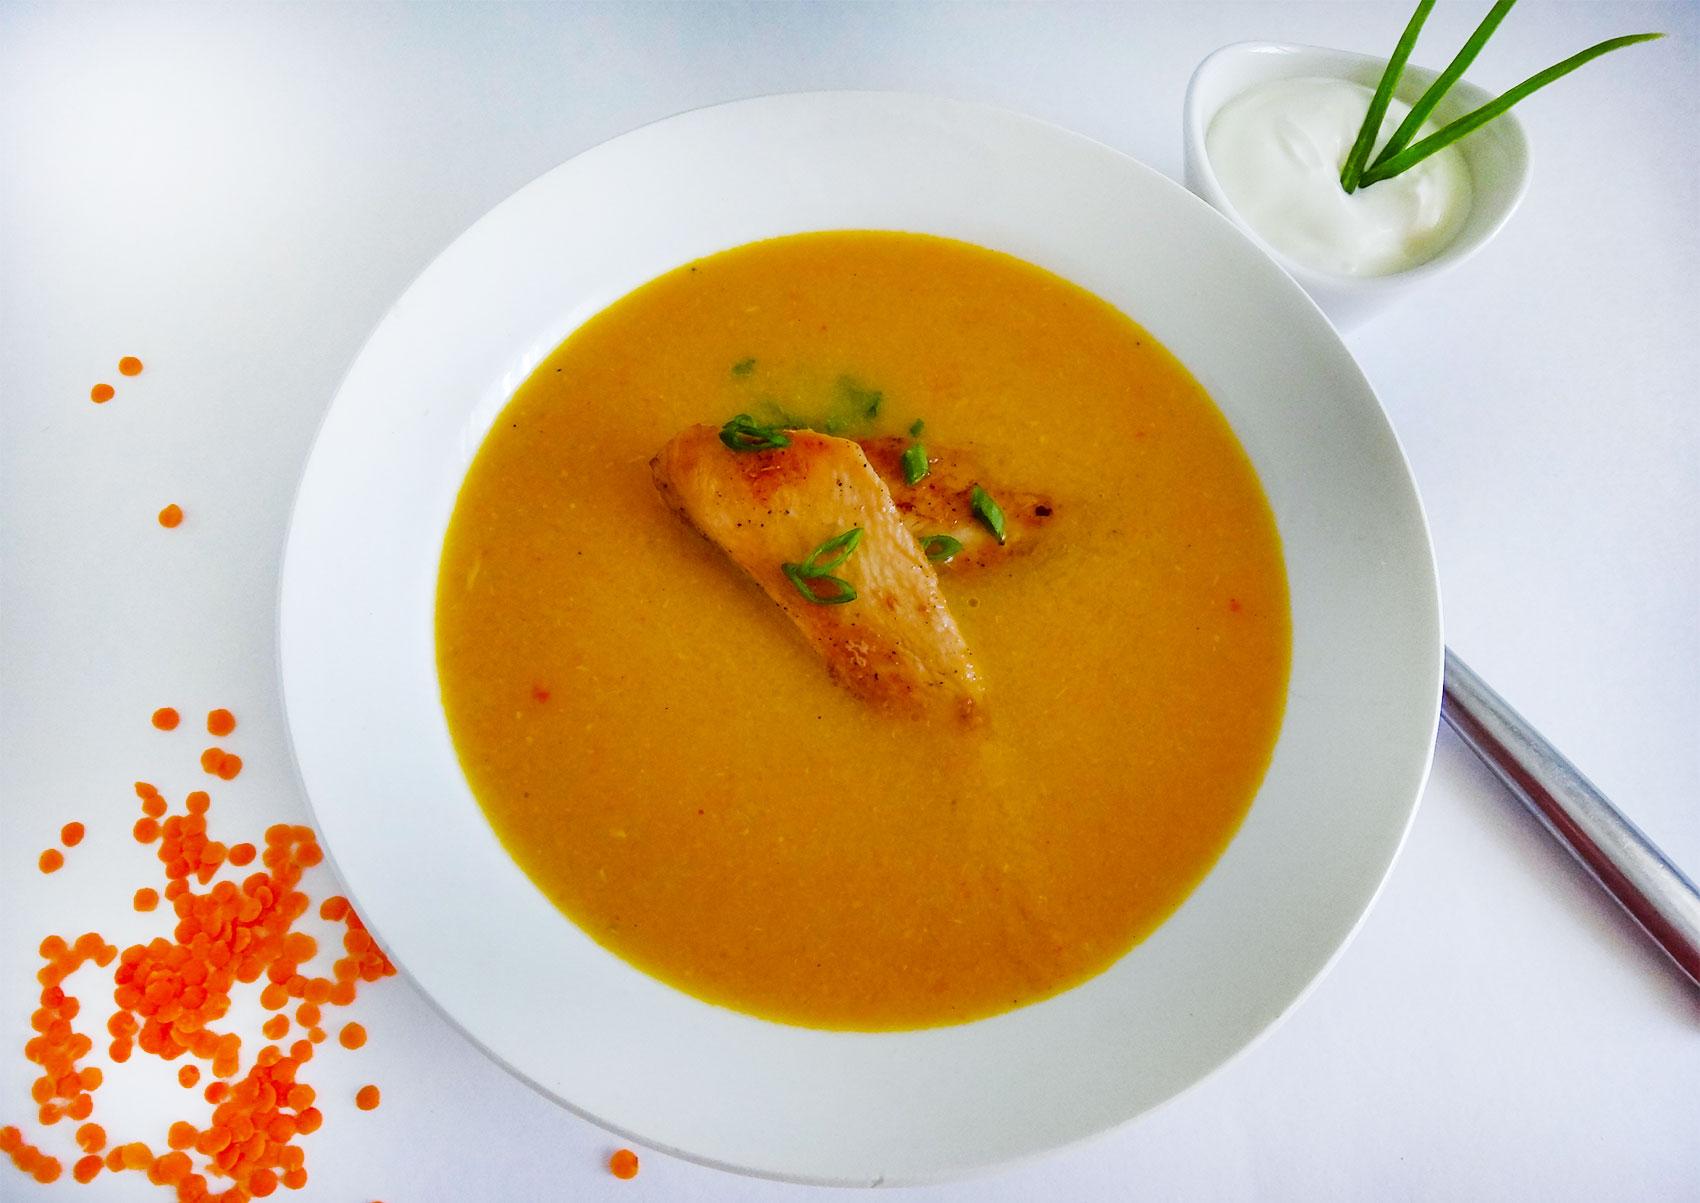 Простые пошаговые рецепты: супа-пюре из красной чечевицы по-турецки или вкусного крем-супа из зеленой чечевицы, а также поэтапные фото и видео-инструкции.